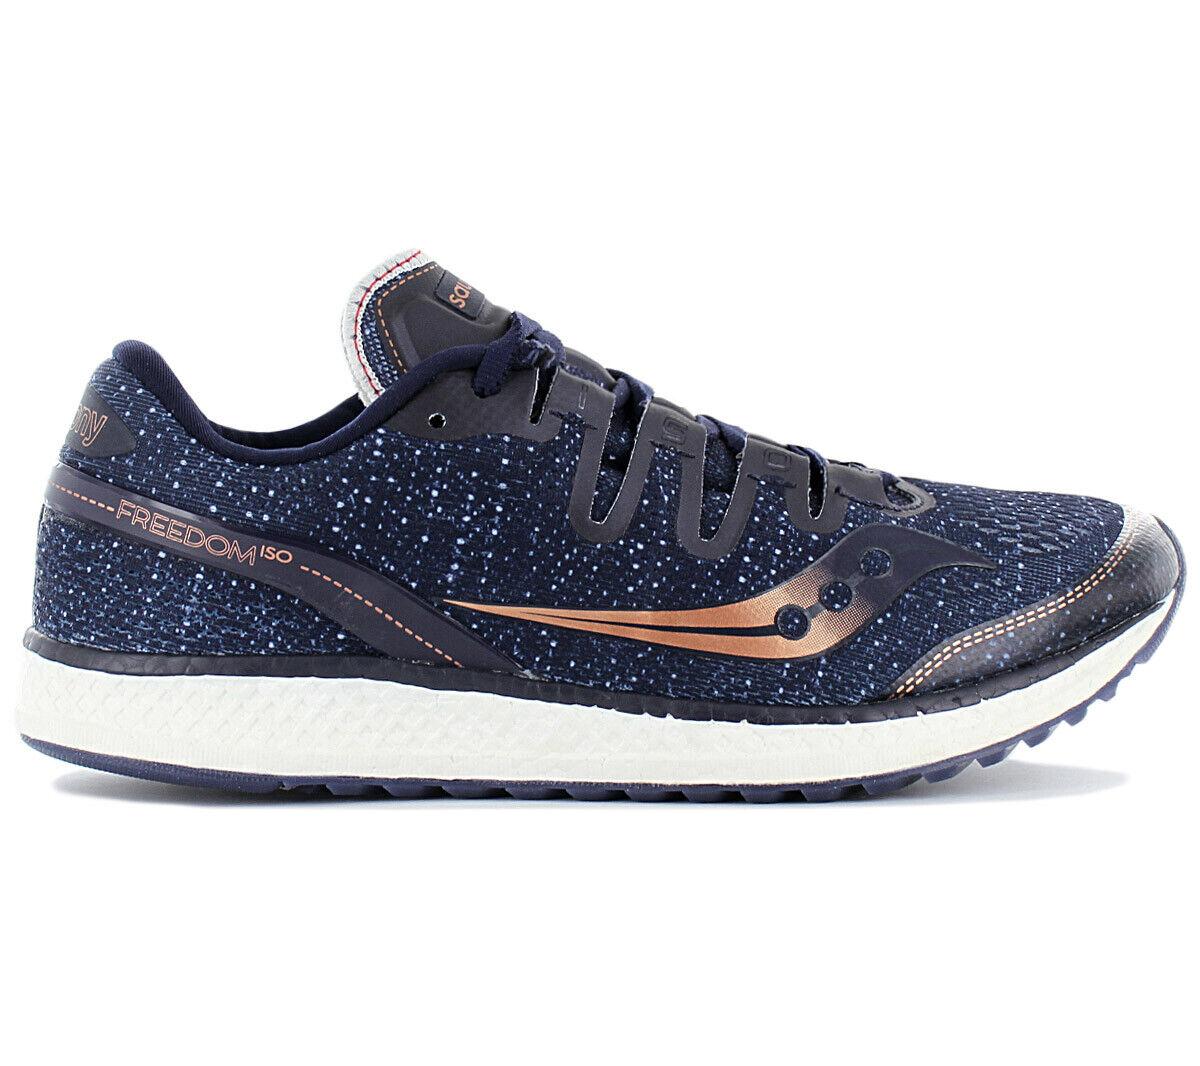 Saucony Libertad Iso Hombre Zapatillas de Correr Azul Marino S20355-30 Running